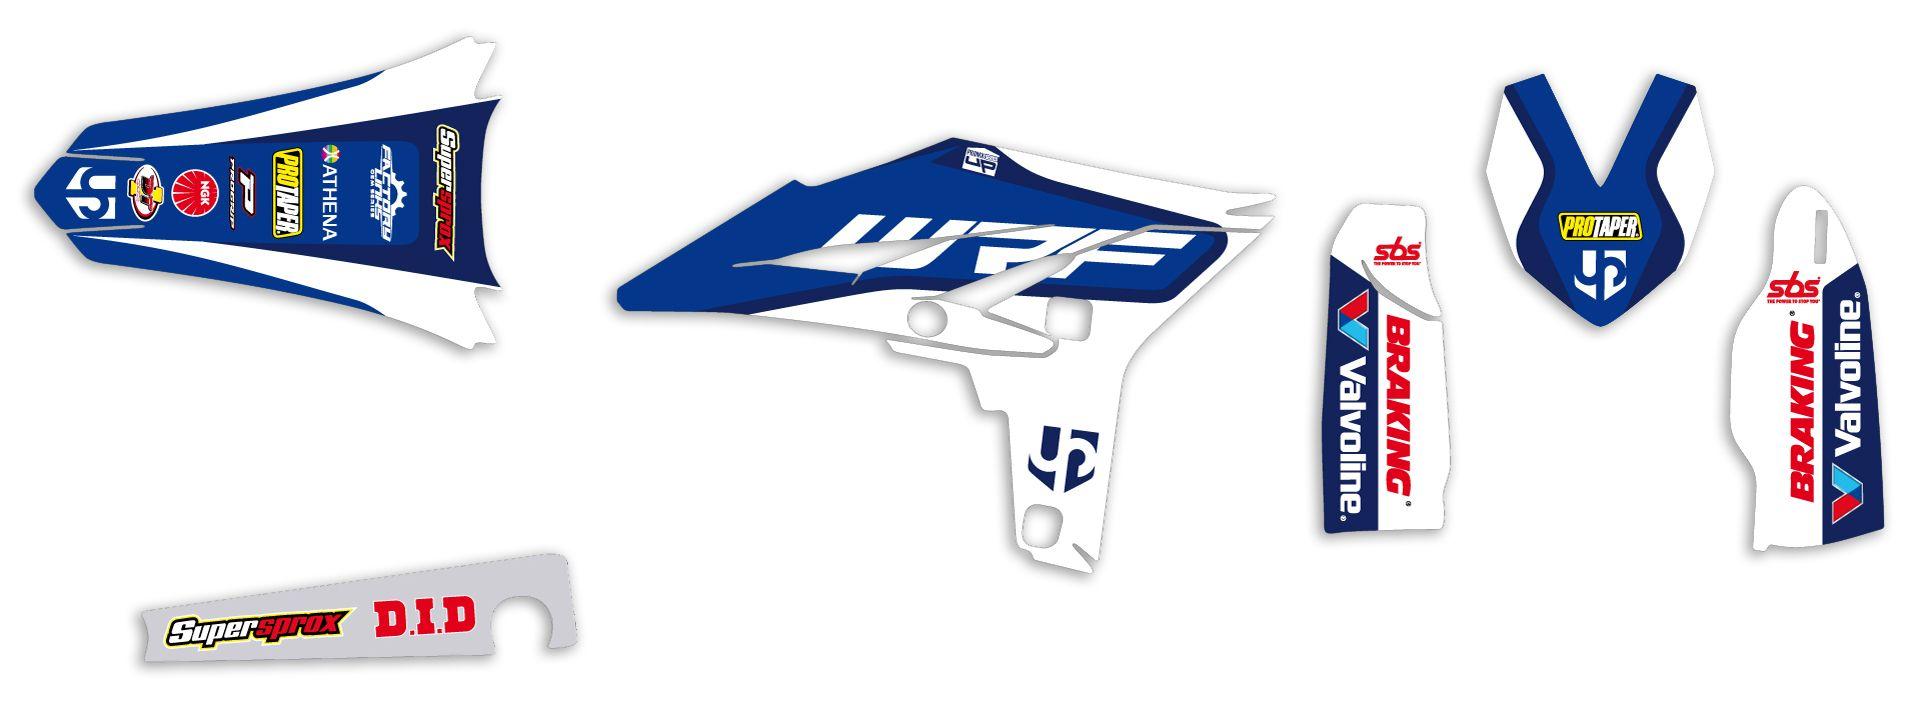 Kit déco Up Design pour Yamaha WRF 450 2012-2014